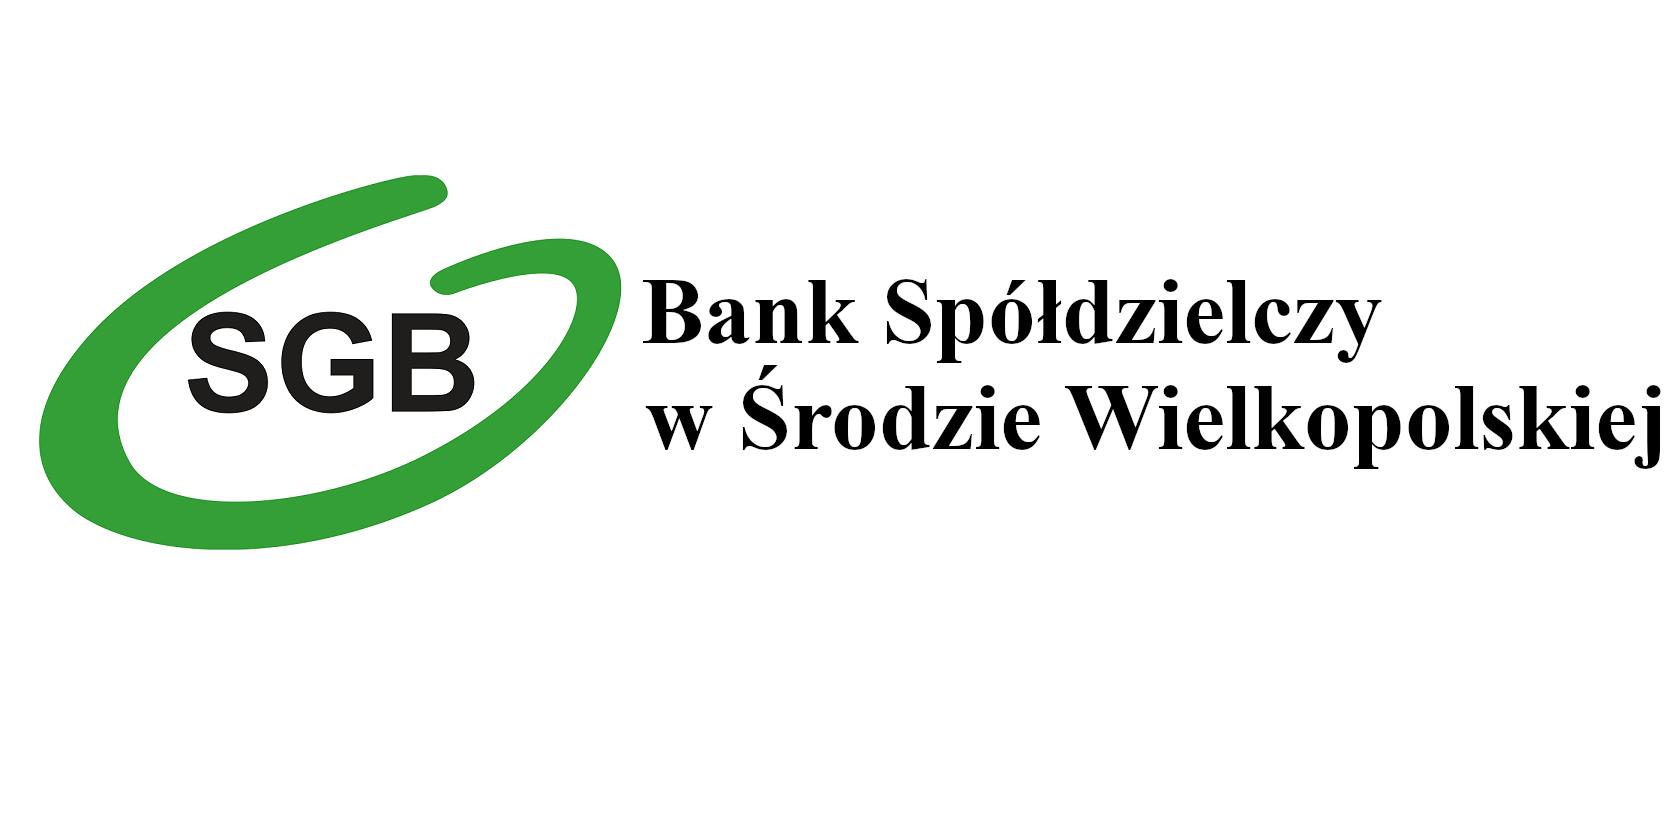 Wesołych Świąt Wielkanocnych - Bank Spółdzielczy w Środzie Wielkopolskiej